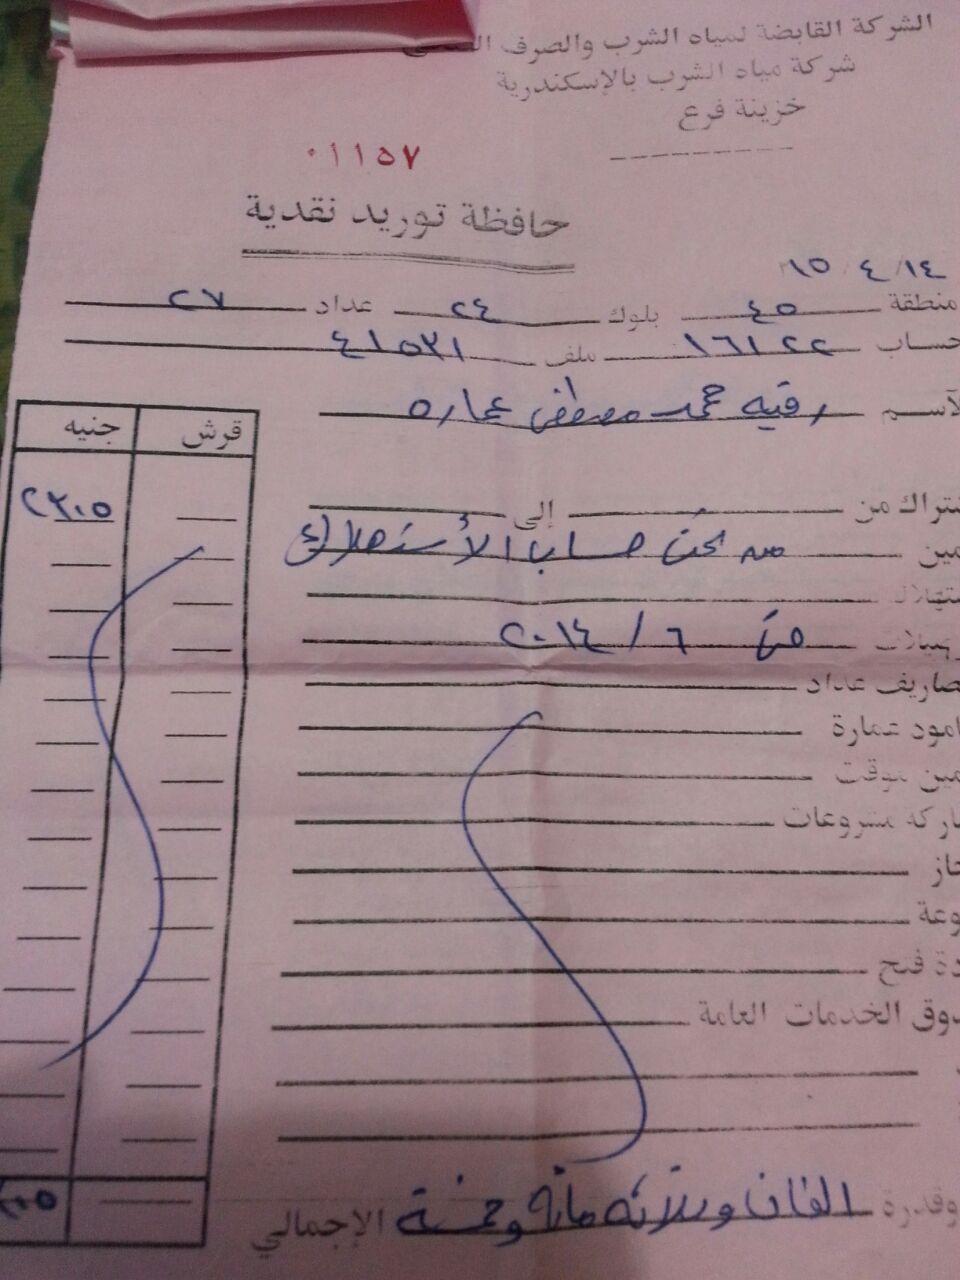 #امسك_فاتورة | 36 ألف جنيه رسوم مياه عقار بالإسكندرية.. ومواطن: «ليه؟» (صور)